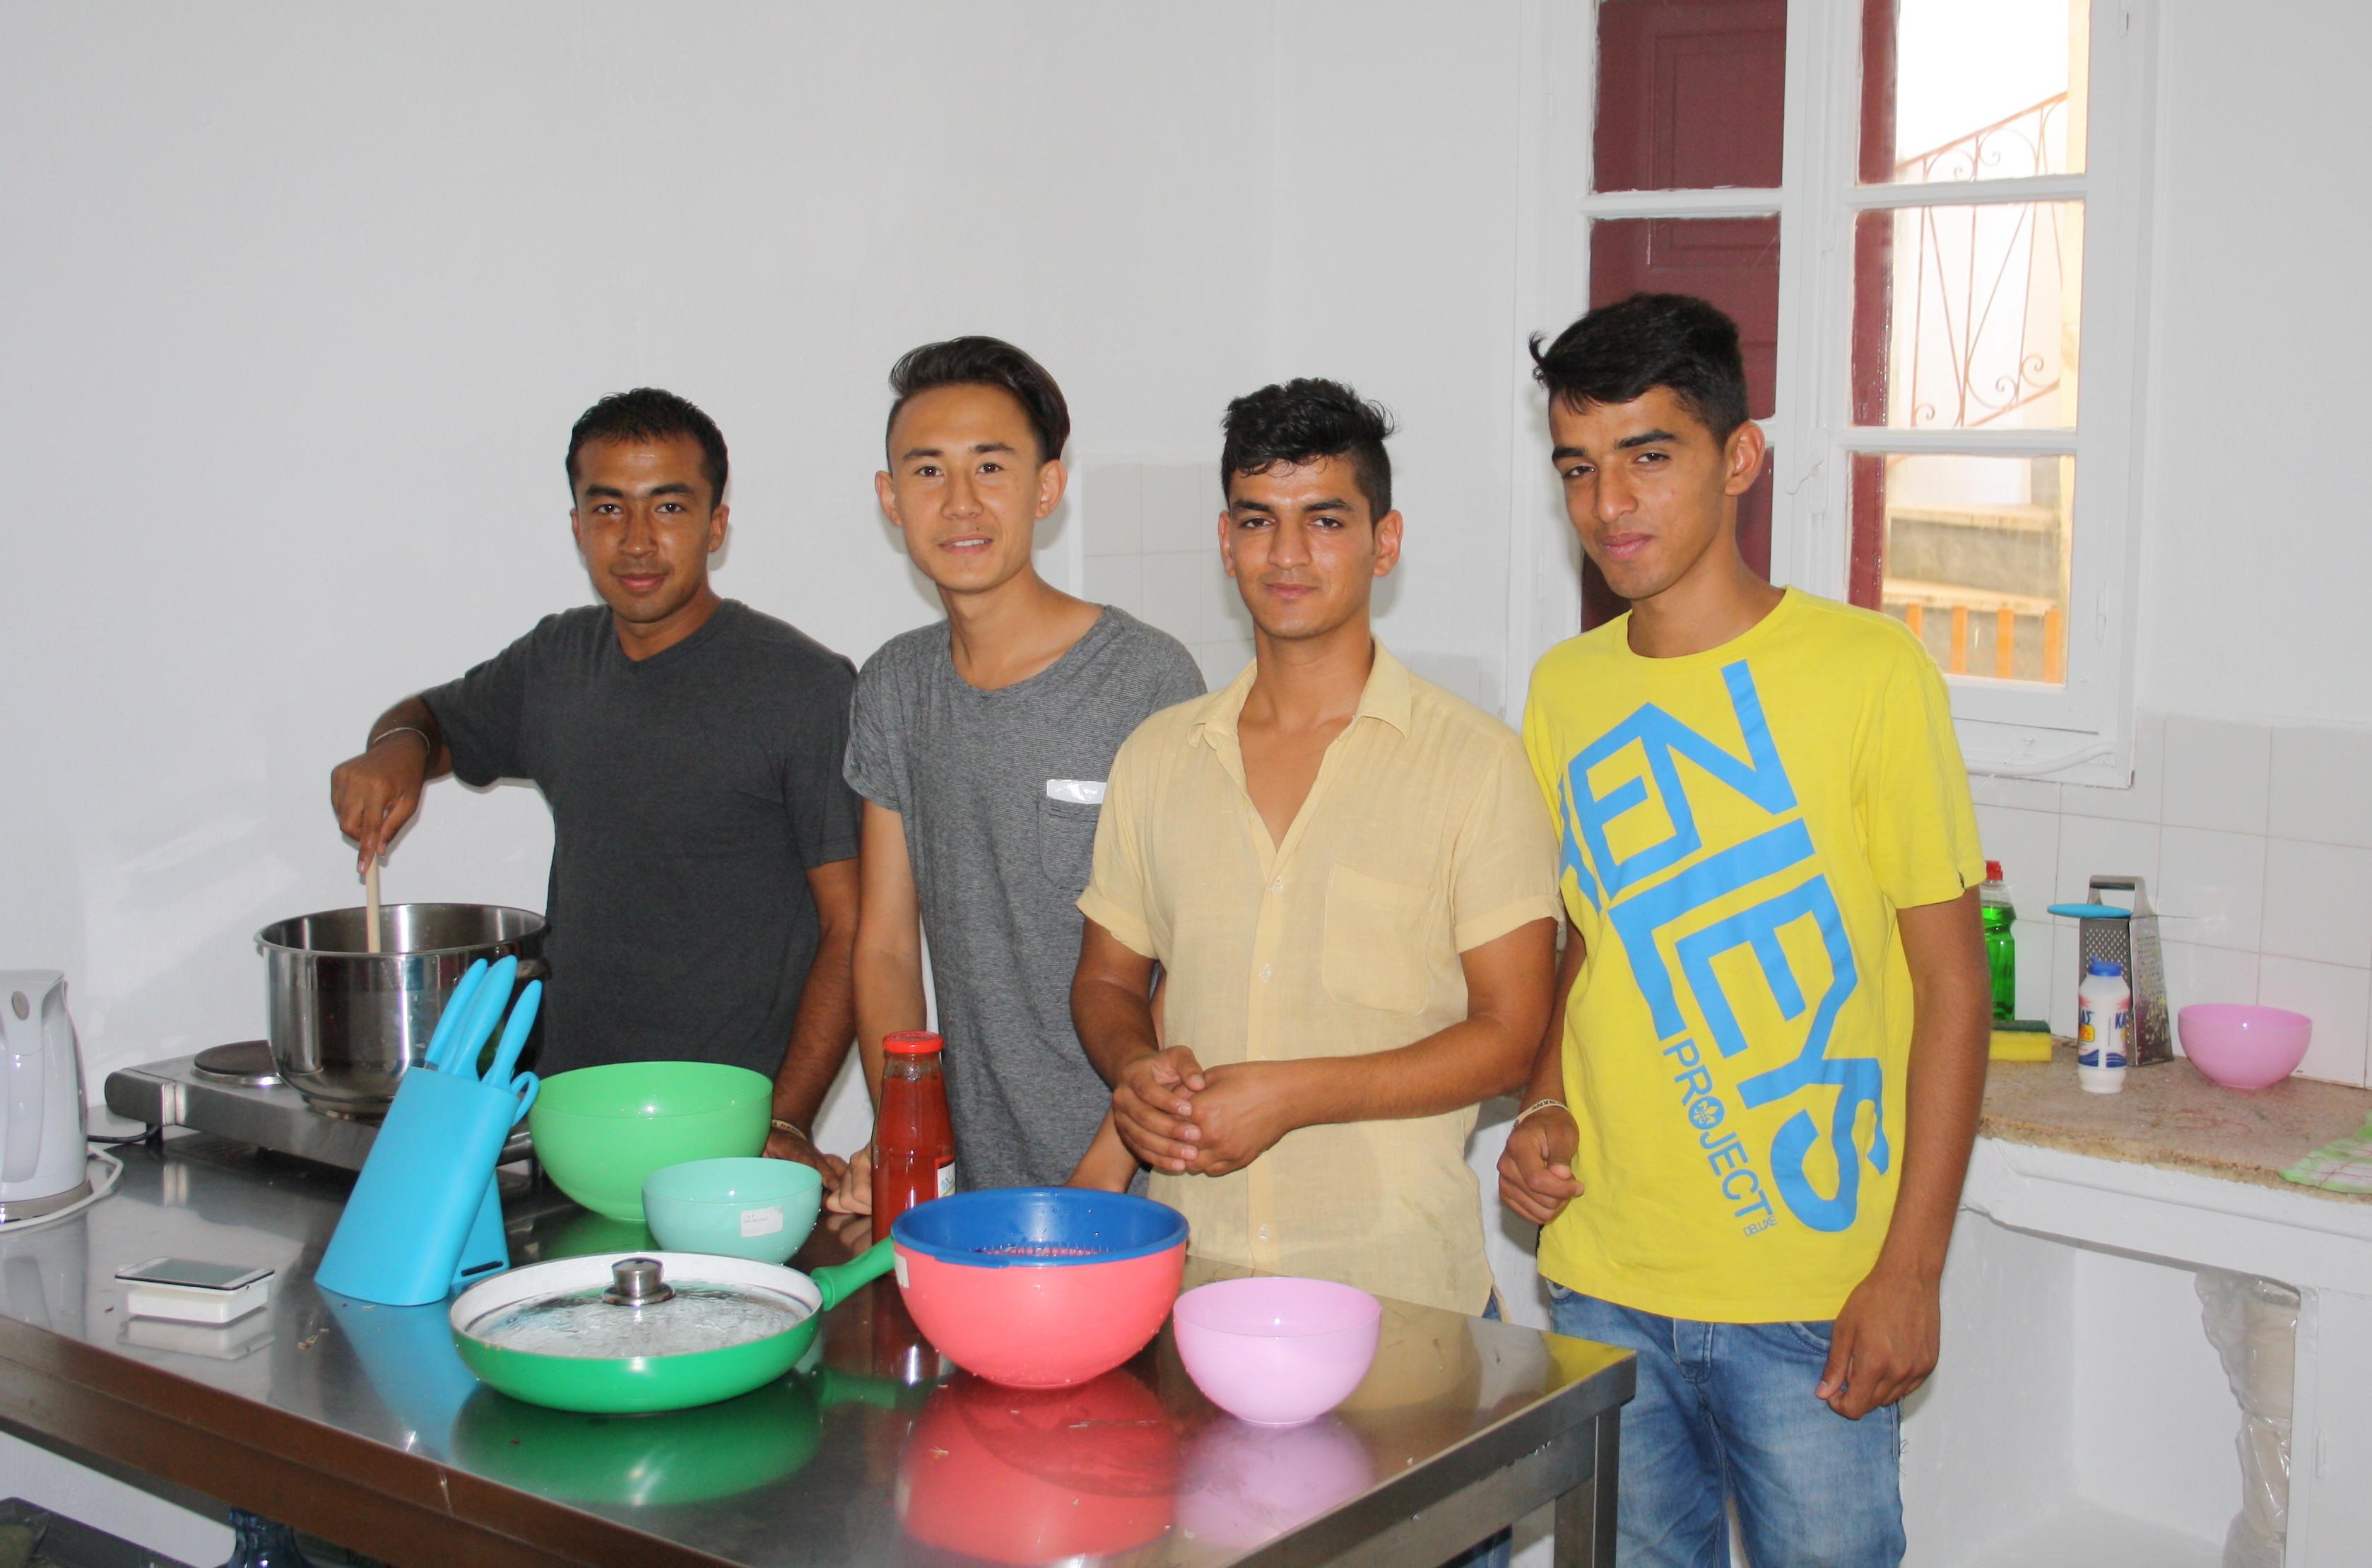 Gegen den Alltagstrott und die Langeweile im Camp: Im Juli gründete «Baas» auf der Insel Chios den ersten Jugendtreff für Flüchtlinge. Dabei ist bei der Gruppenbildung viel Fingerspitzengefühl gefragt.